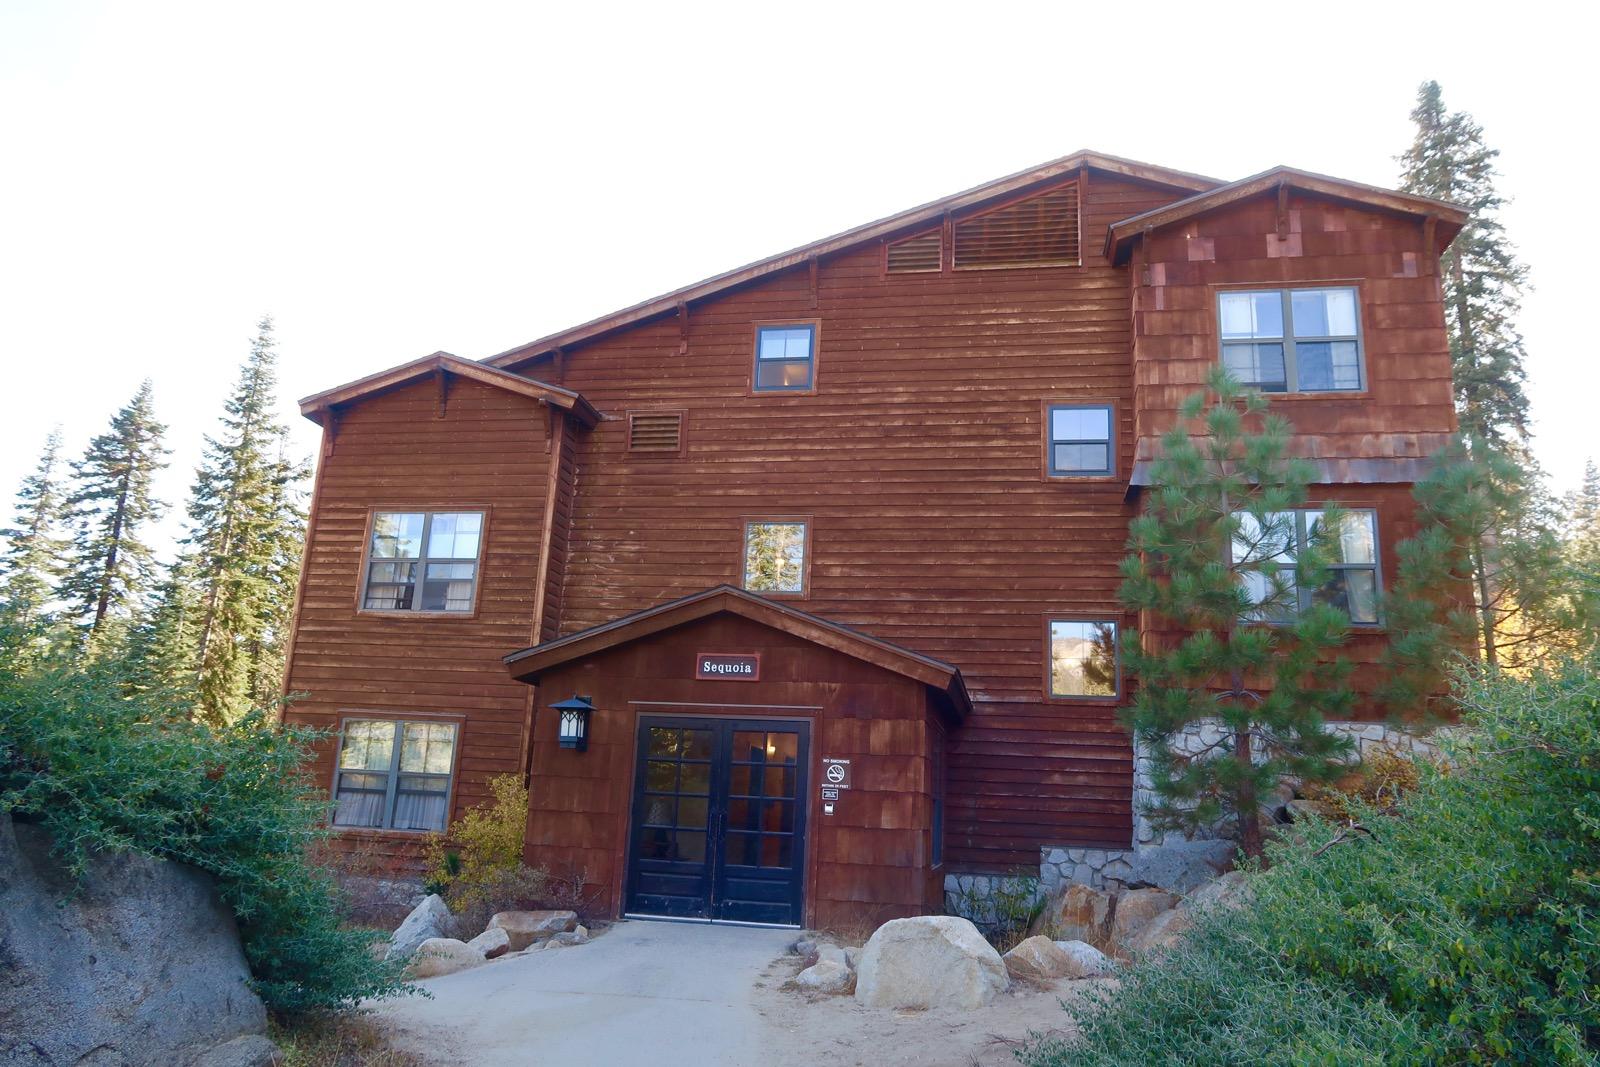 Séquoia Building